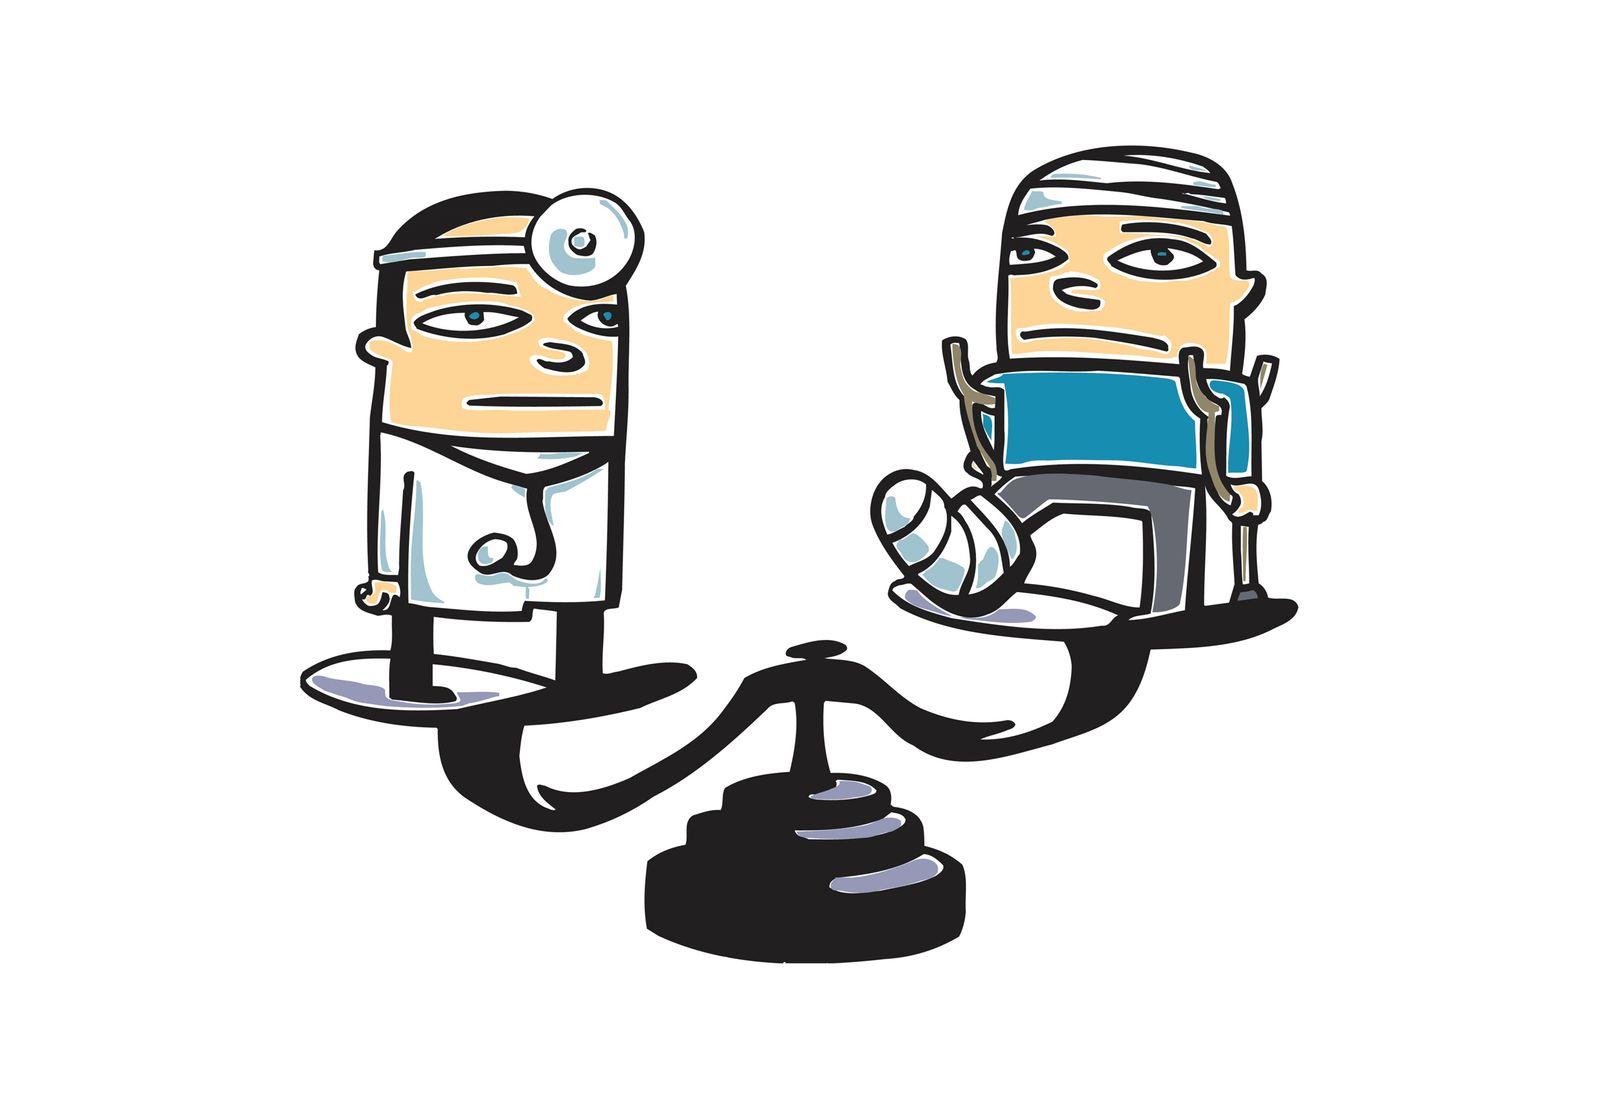 NICHT MEHR VERWENDEN! - SYMBOLBILD Arzt / Patient / Waage